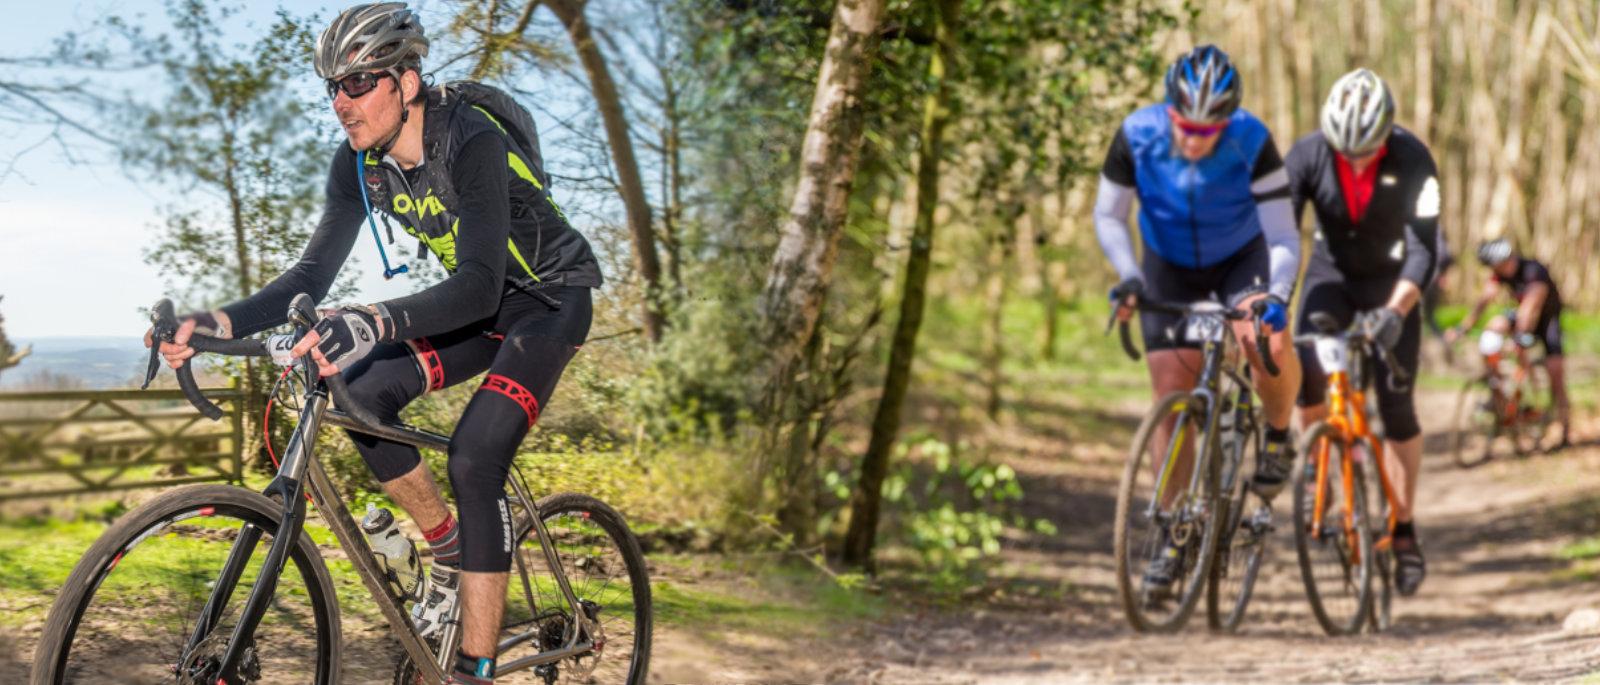 Surrey Hills Gravelcross Riders